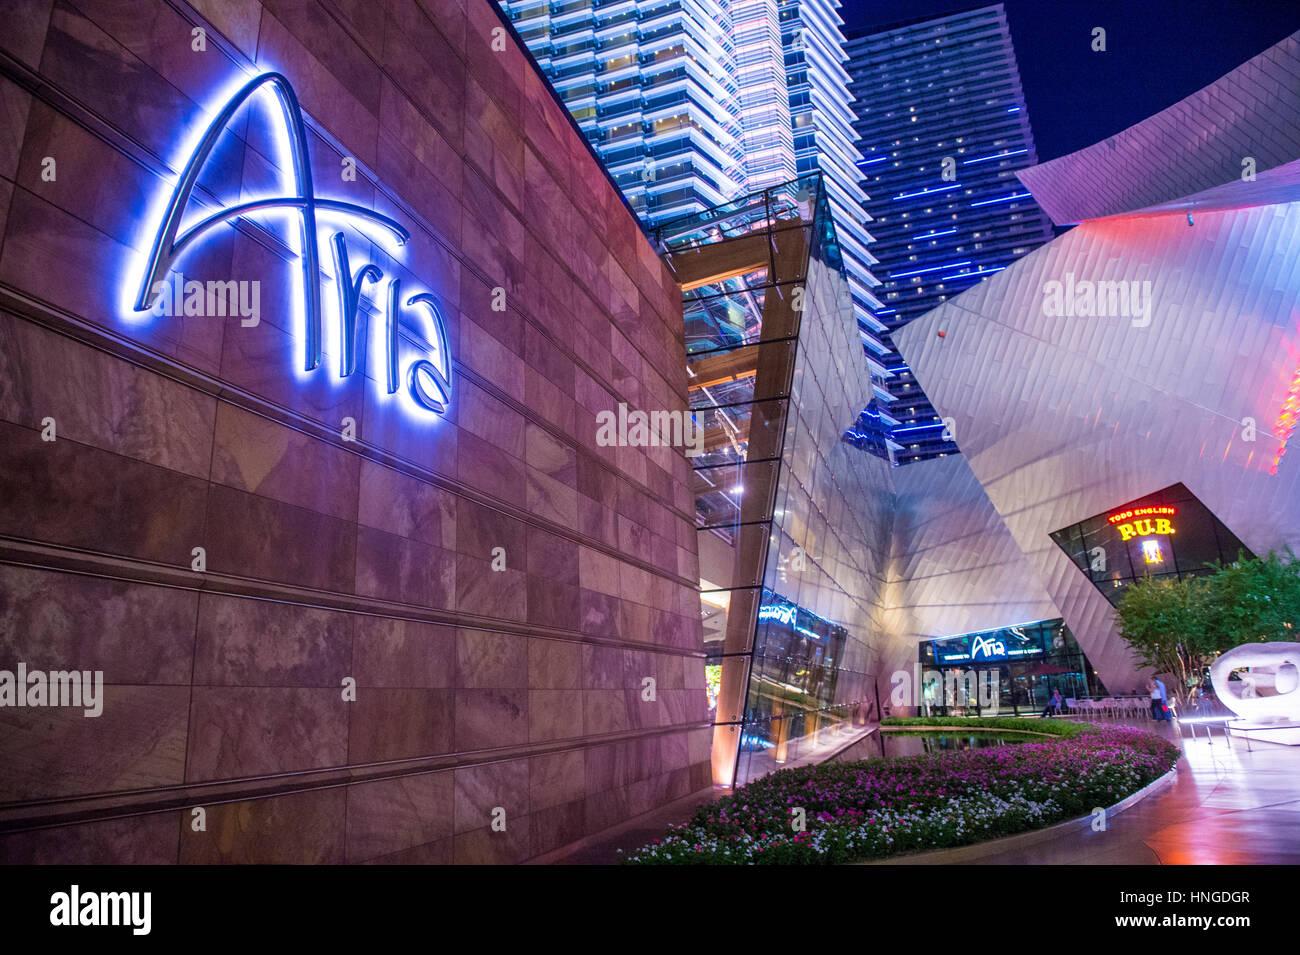 aria hotel casino las vegas